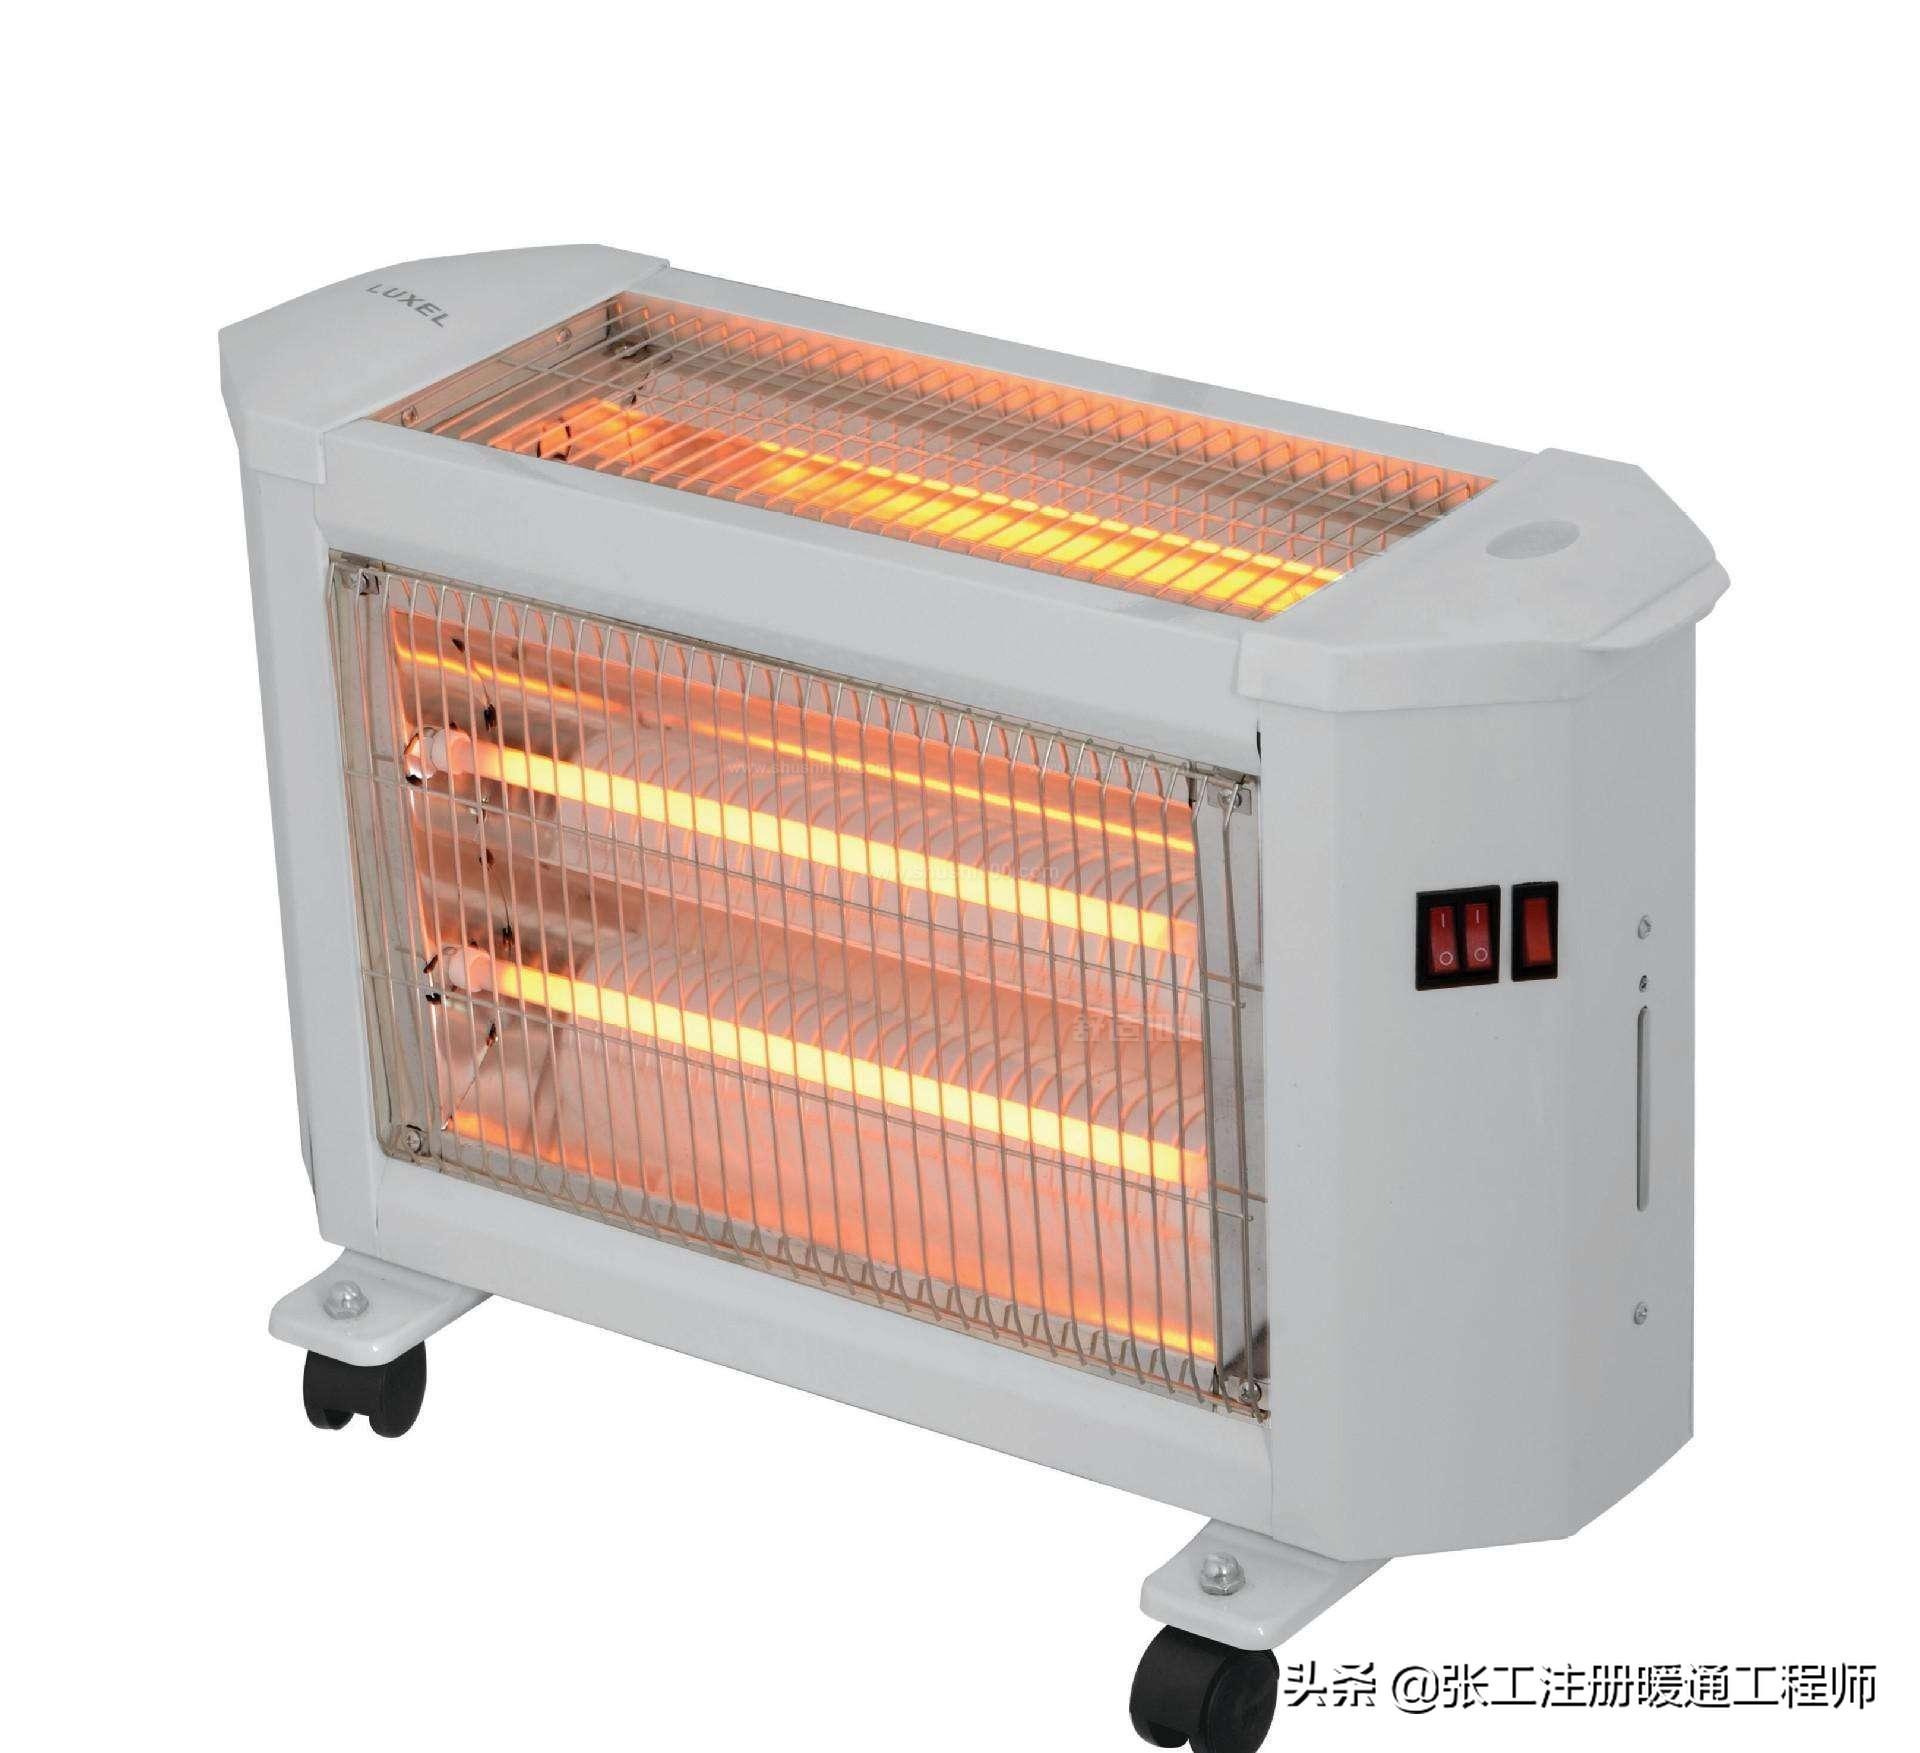 純干貨,三種取暖器的優缺點,建議您收藏